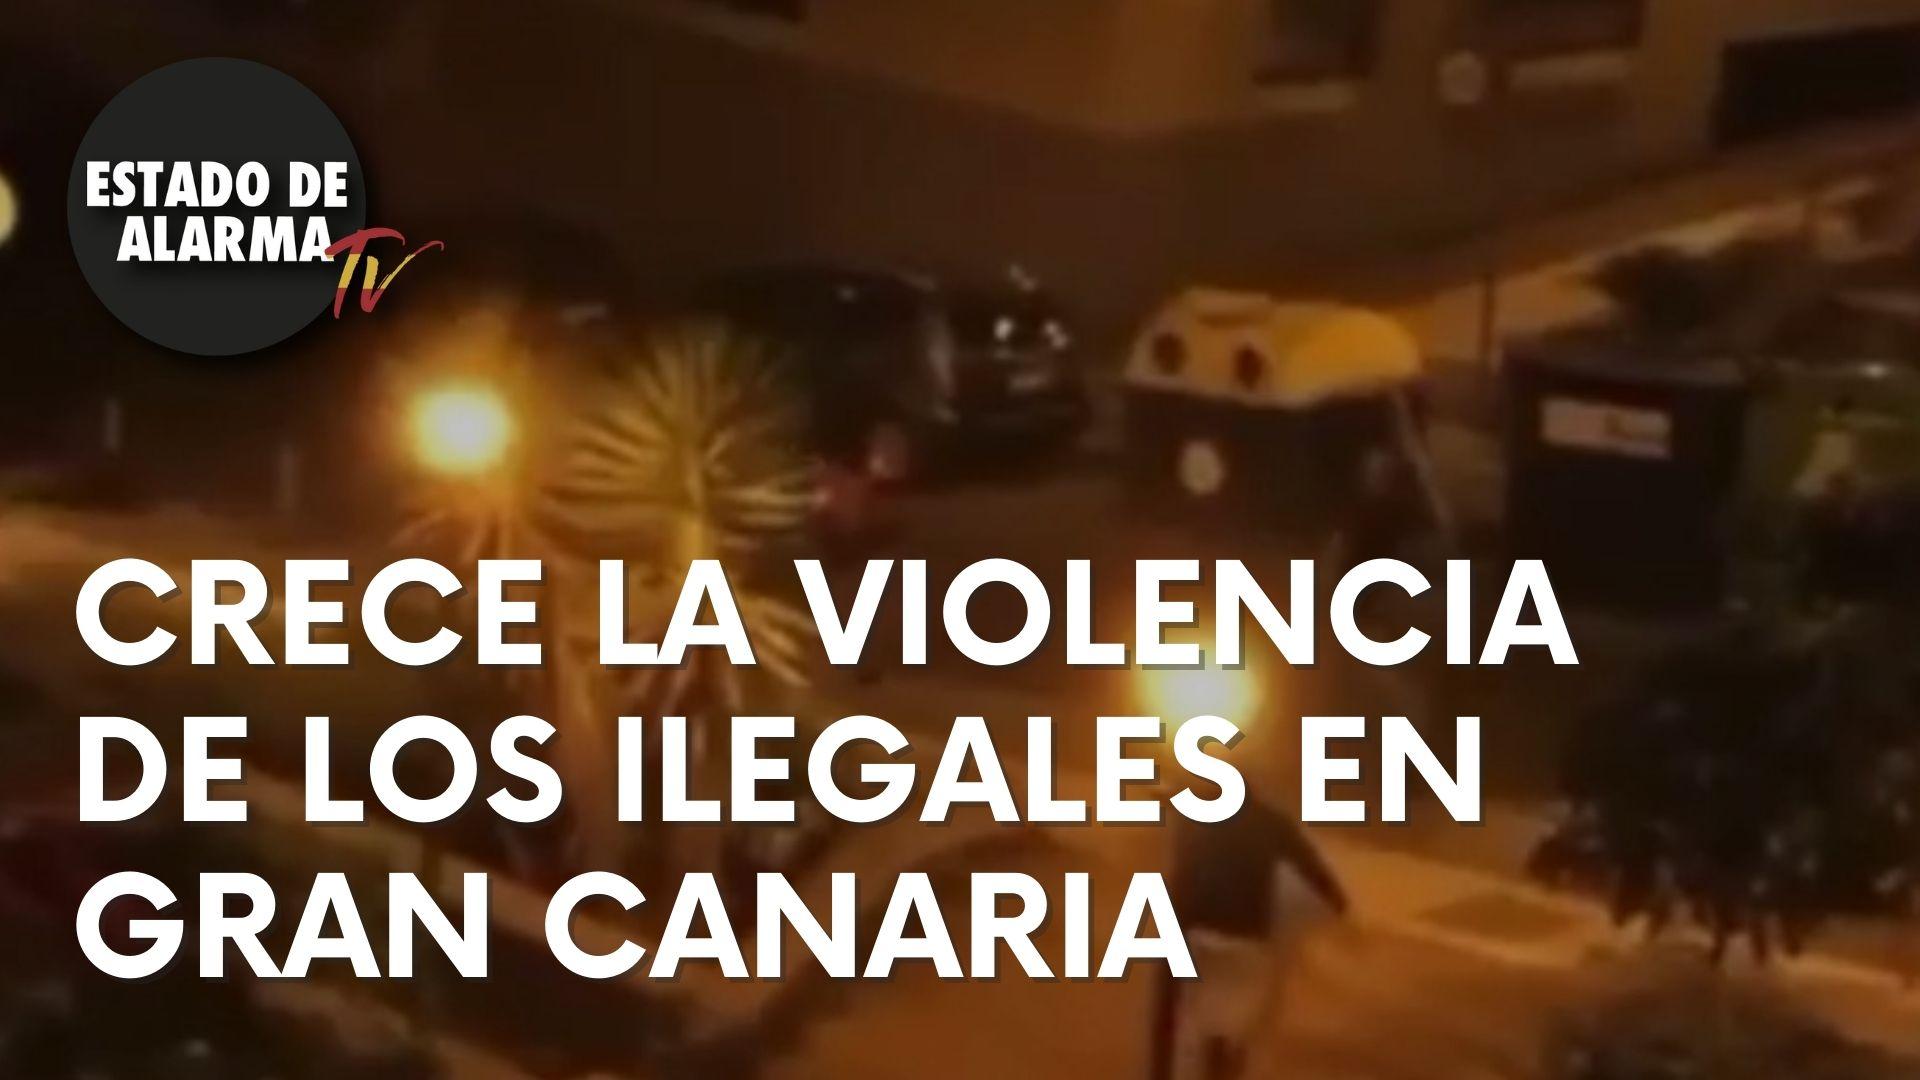 Crece la violencia de los ilegales en Gran Canaria